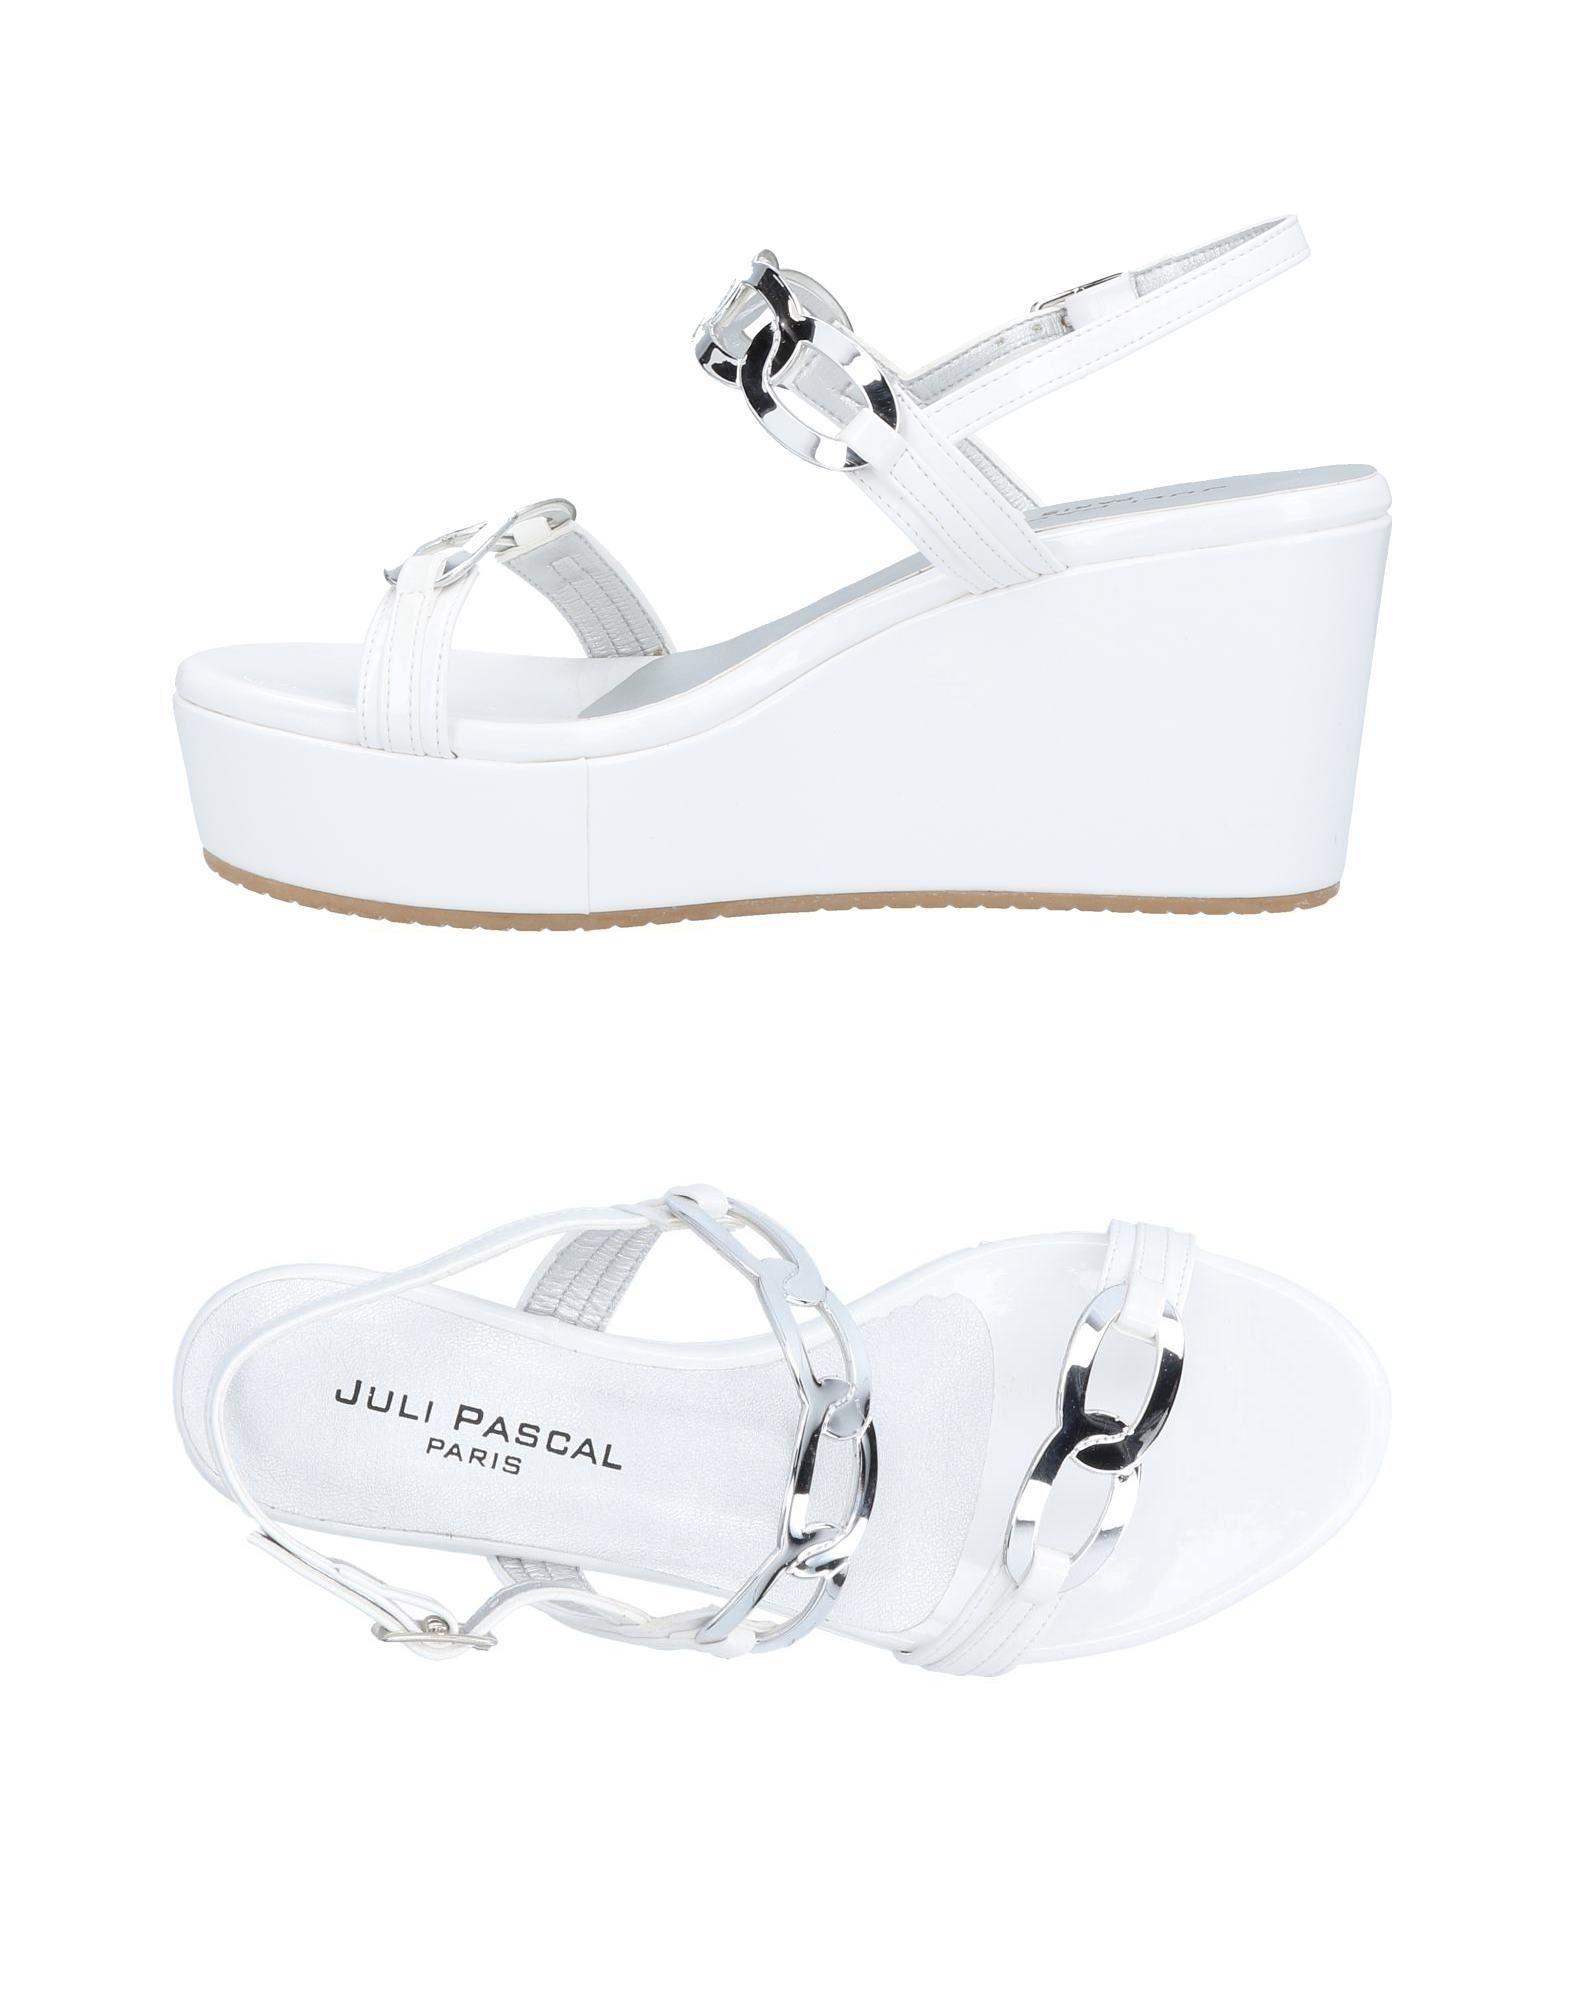 Juli Pascal Paris Sandalen Damen  11455231WM Gute Qualität beliebte Schuhe